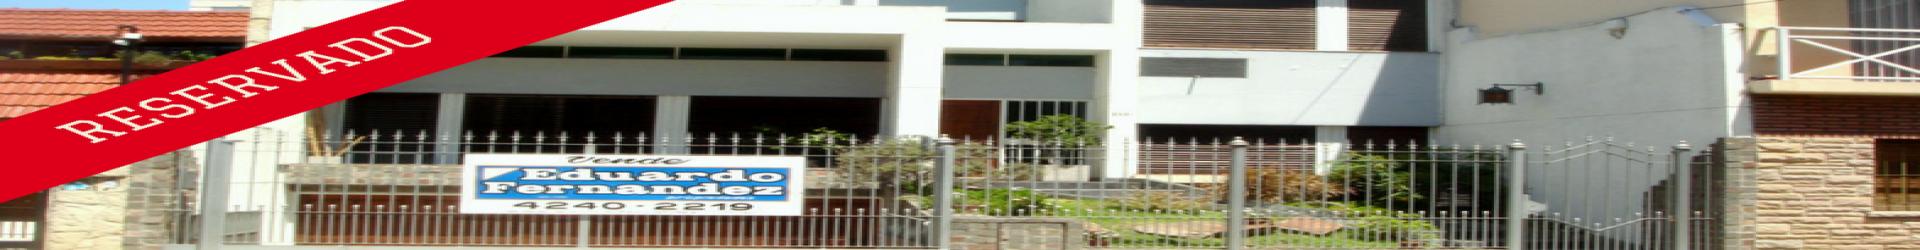 4 Habitaciones, 5 Habitaciones, Casa, Destacada, Dr Melo, 3 Lavabos, Referencia del Inmueble: 1001, Lanús Oeste, Lanús, Argentina, 1824,